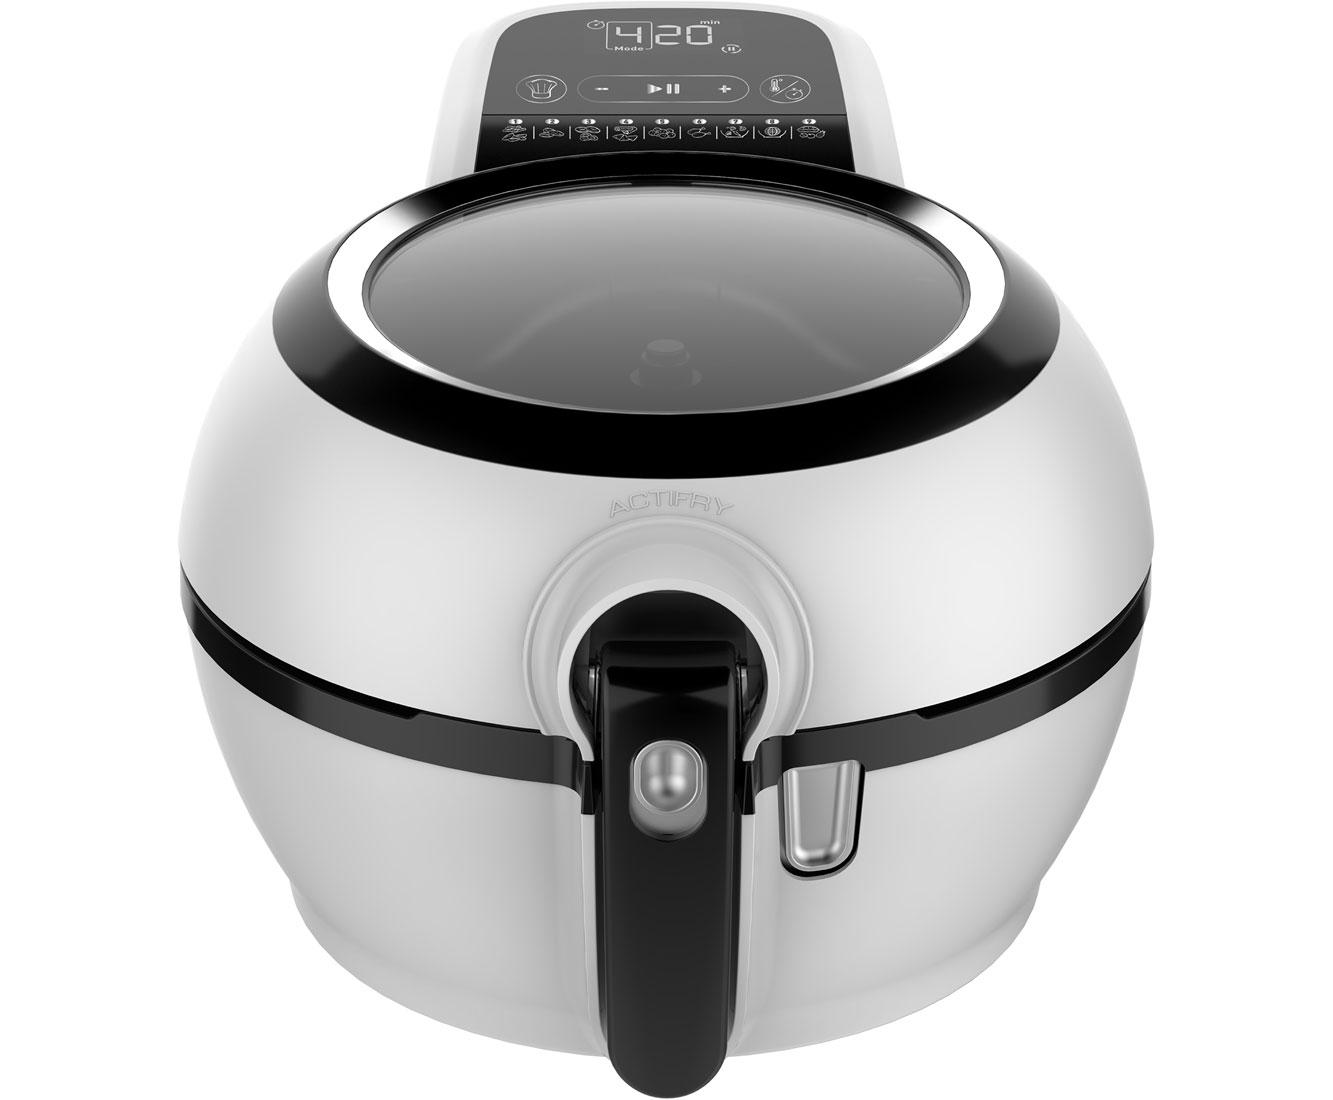 FZ 7600 Küchenkleingeräte - Weiß / Schwarz